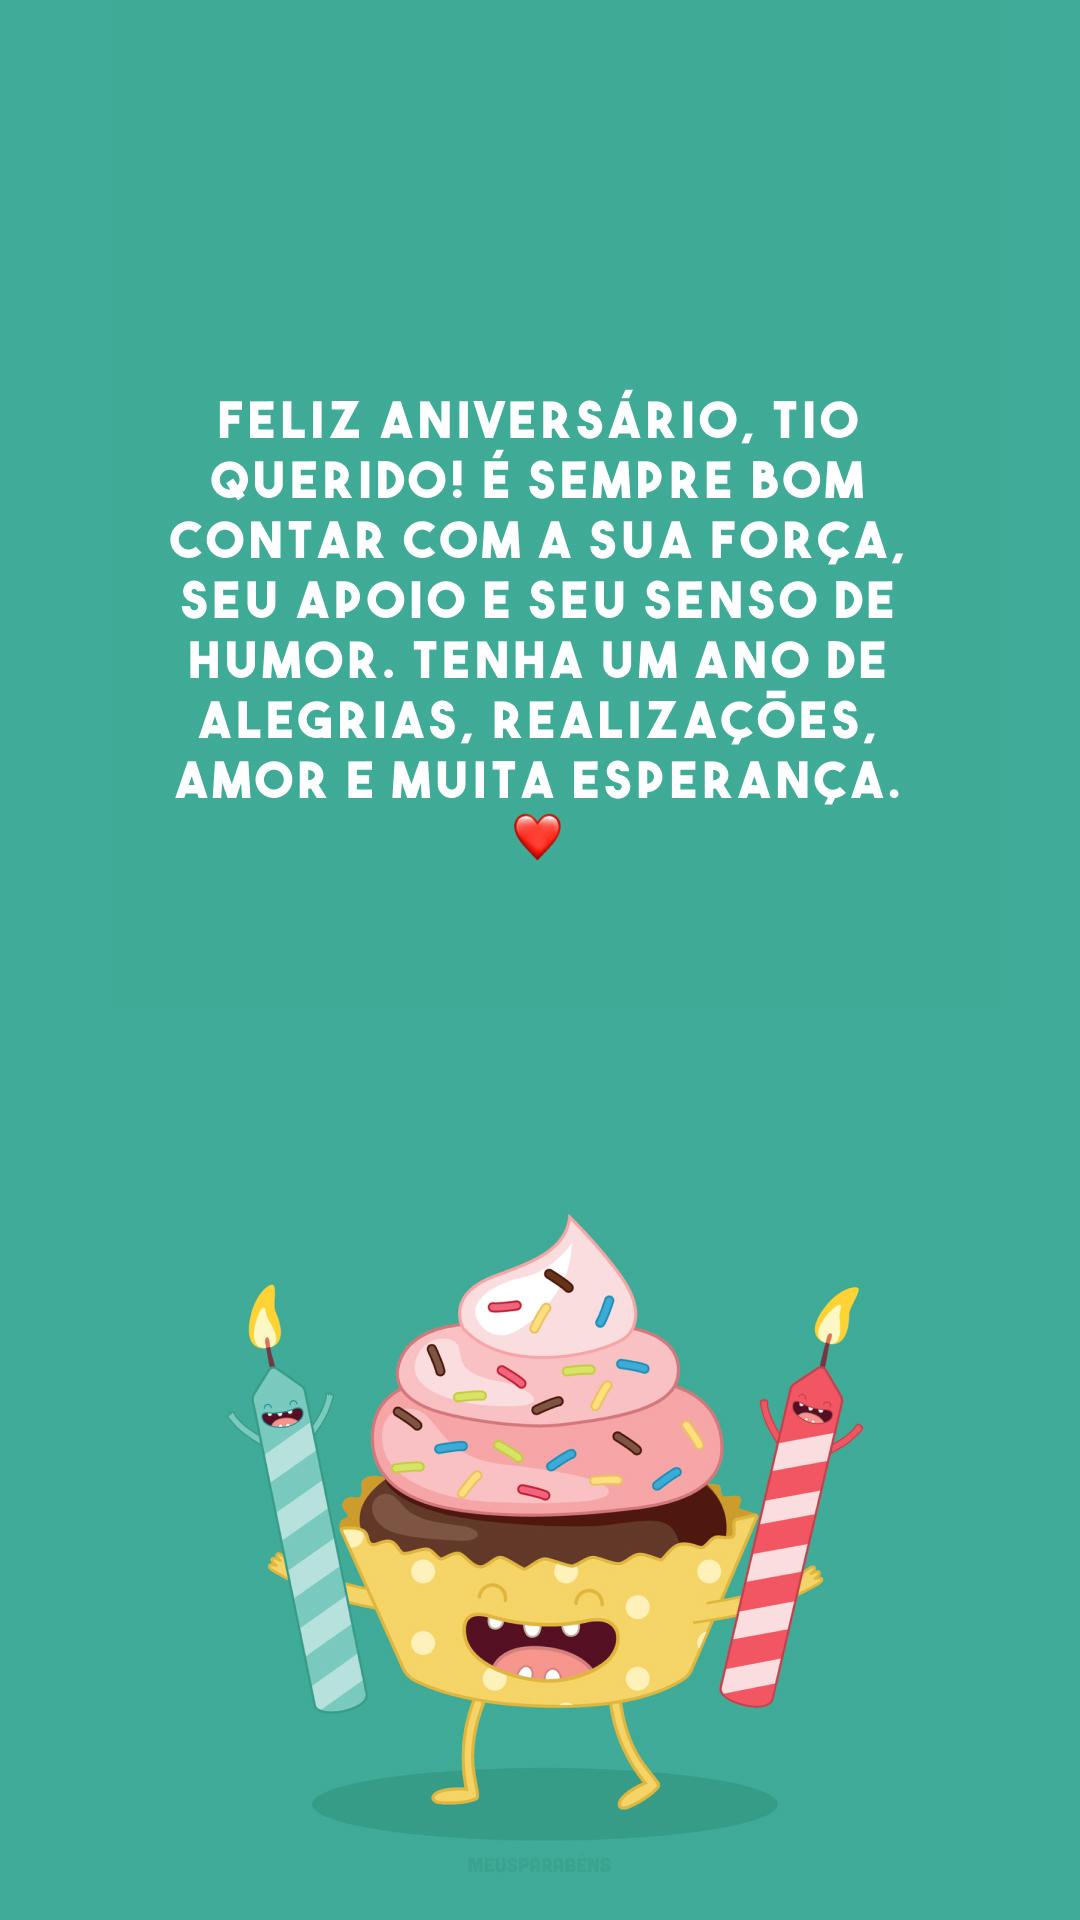 Feliz aniversário, tio querido! É sempre bom contar com a sua força, seu apoio e seu senso de humor. Tenha um ano de alegrias, realizações, amor e muita esperança. ❤️